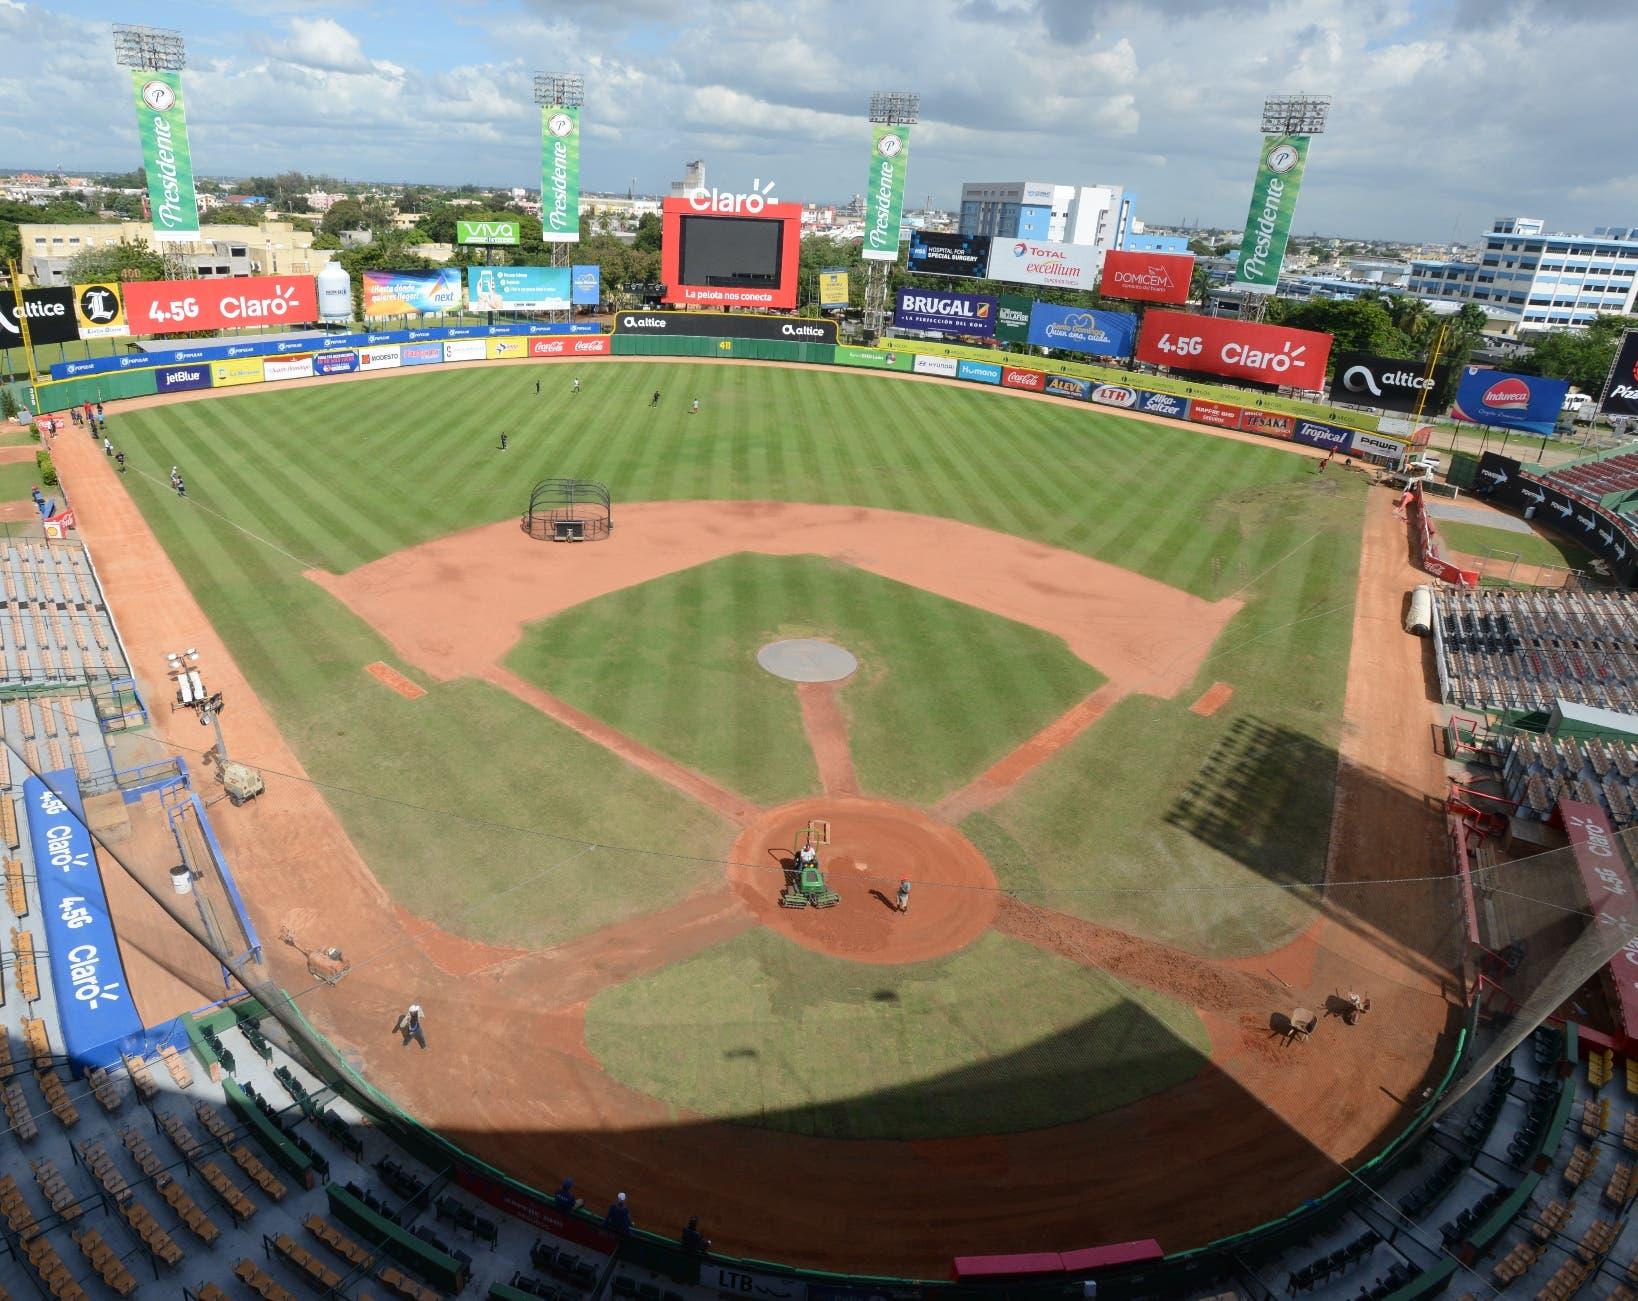 Torneo béisbol dominicano inicia el 15 noviembre sin público